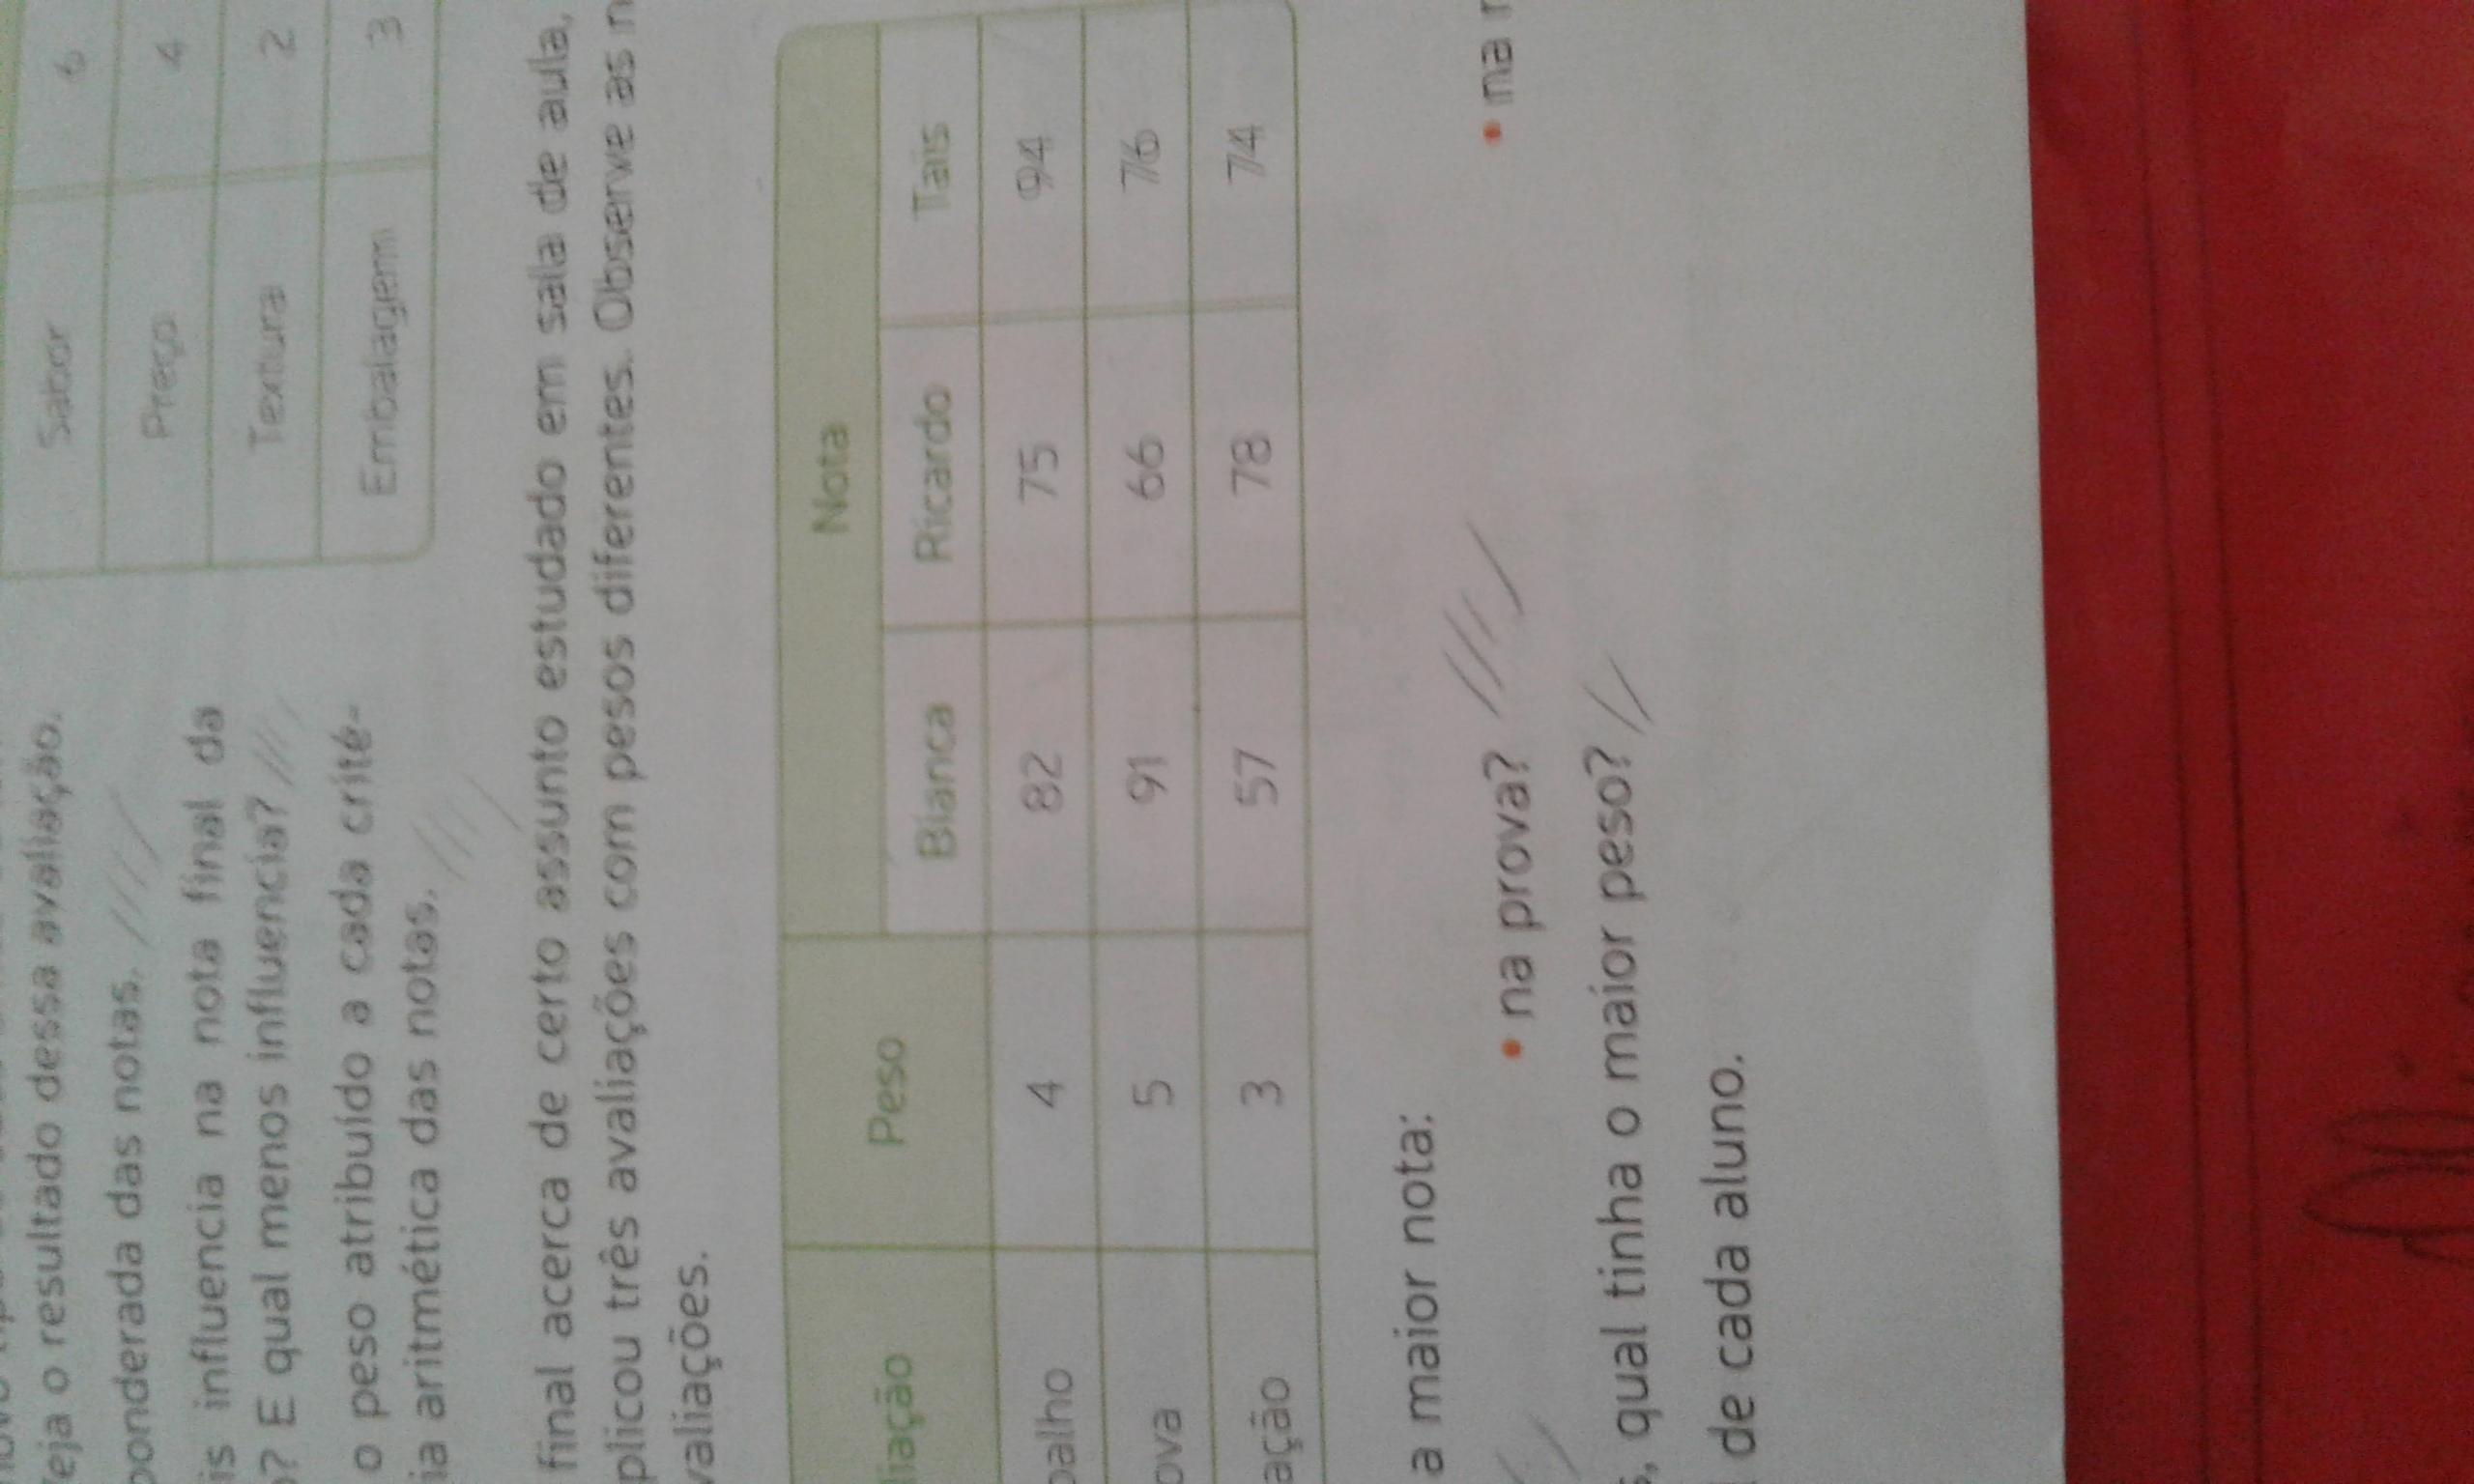 5a3774150c0cd Me ajudem com esse cálculo de média olhando no quadro,porque no ...